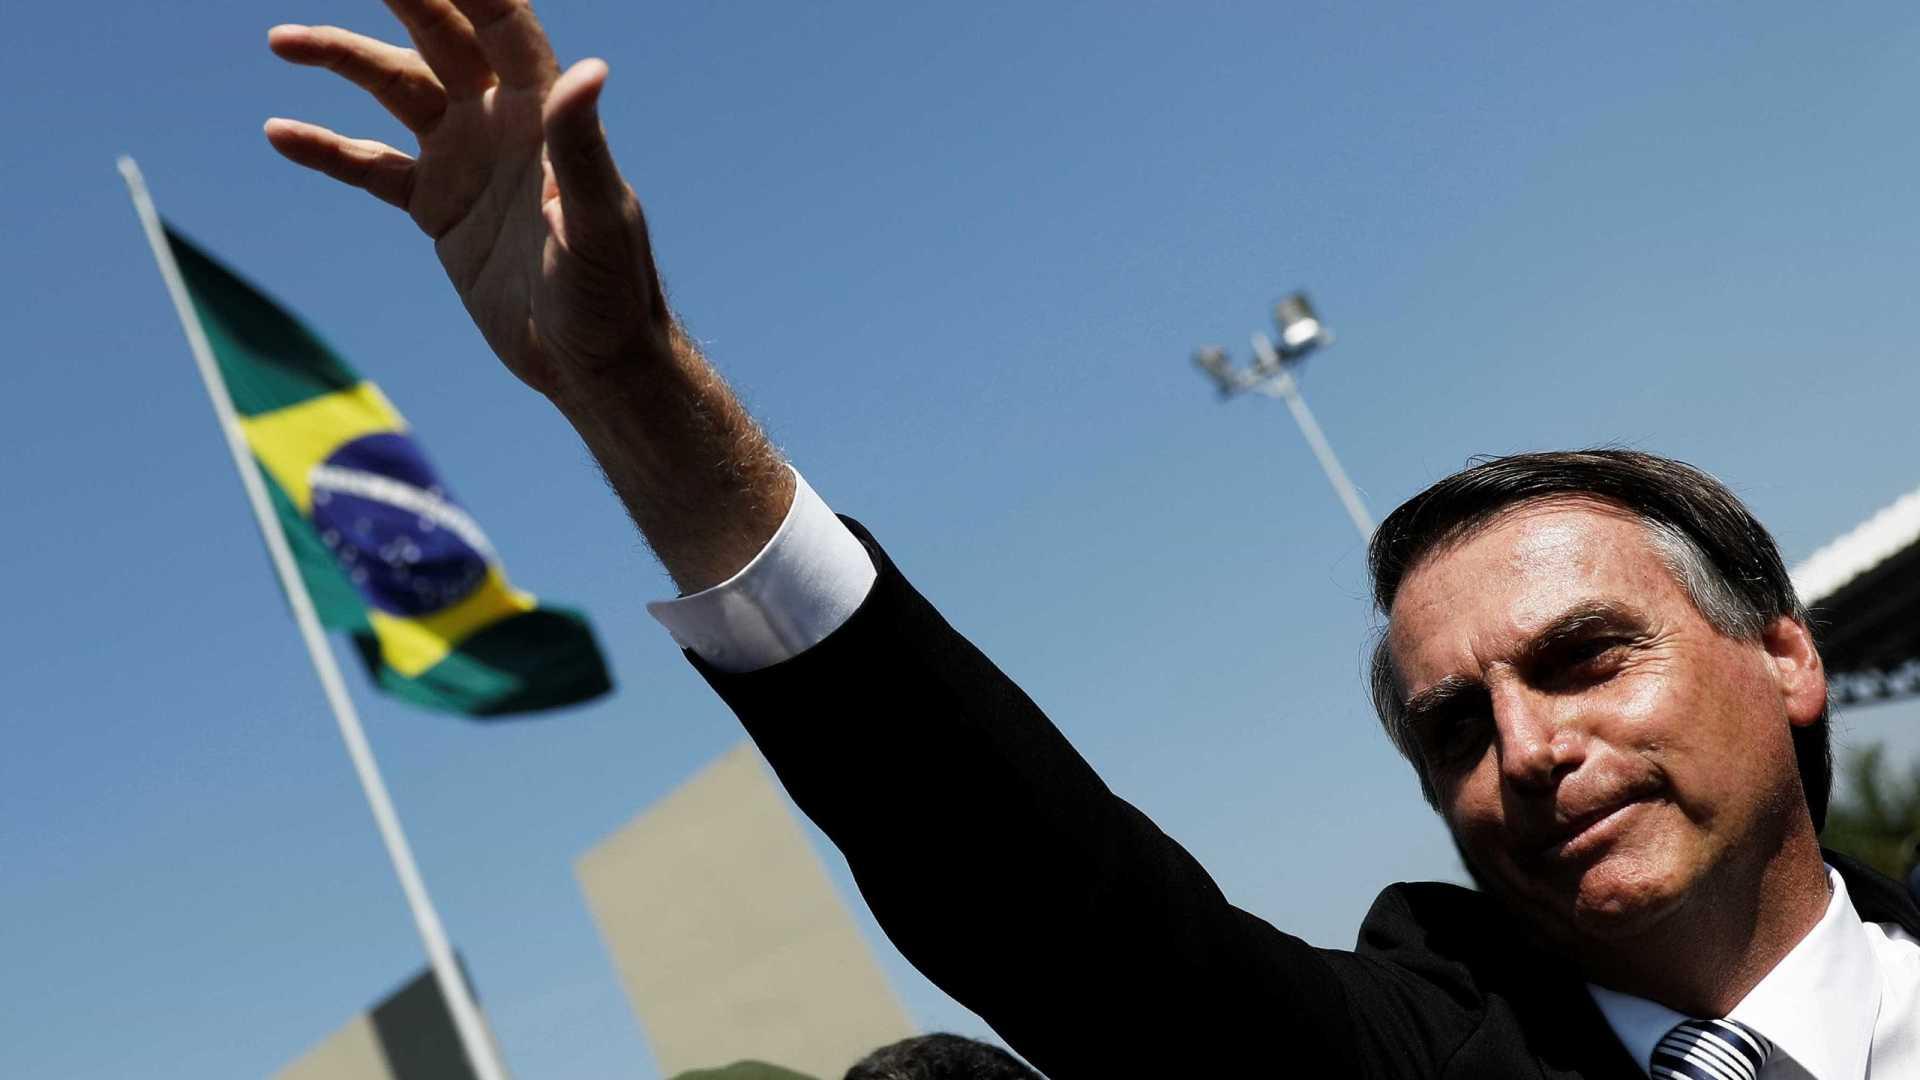 Bolsonaro, orden y progreso?